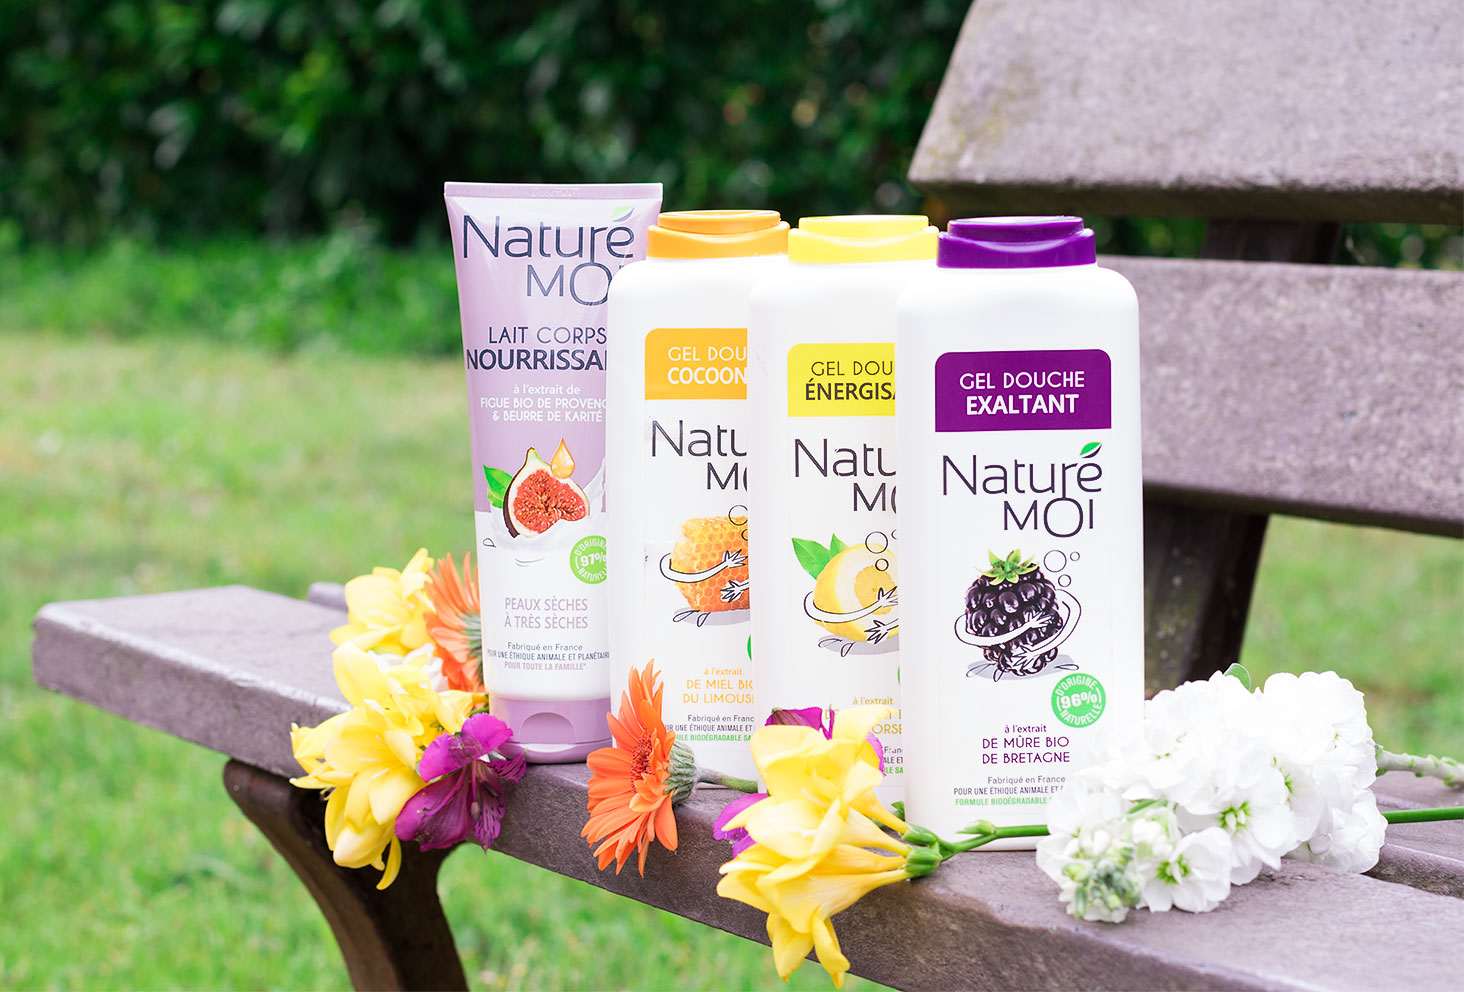 Produits Naturé Moi posés sur un banc au milieu des fleurs